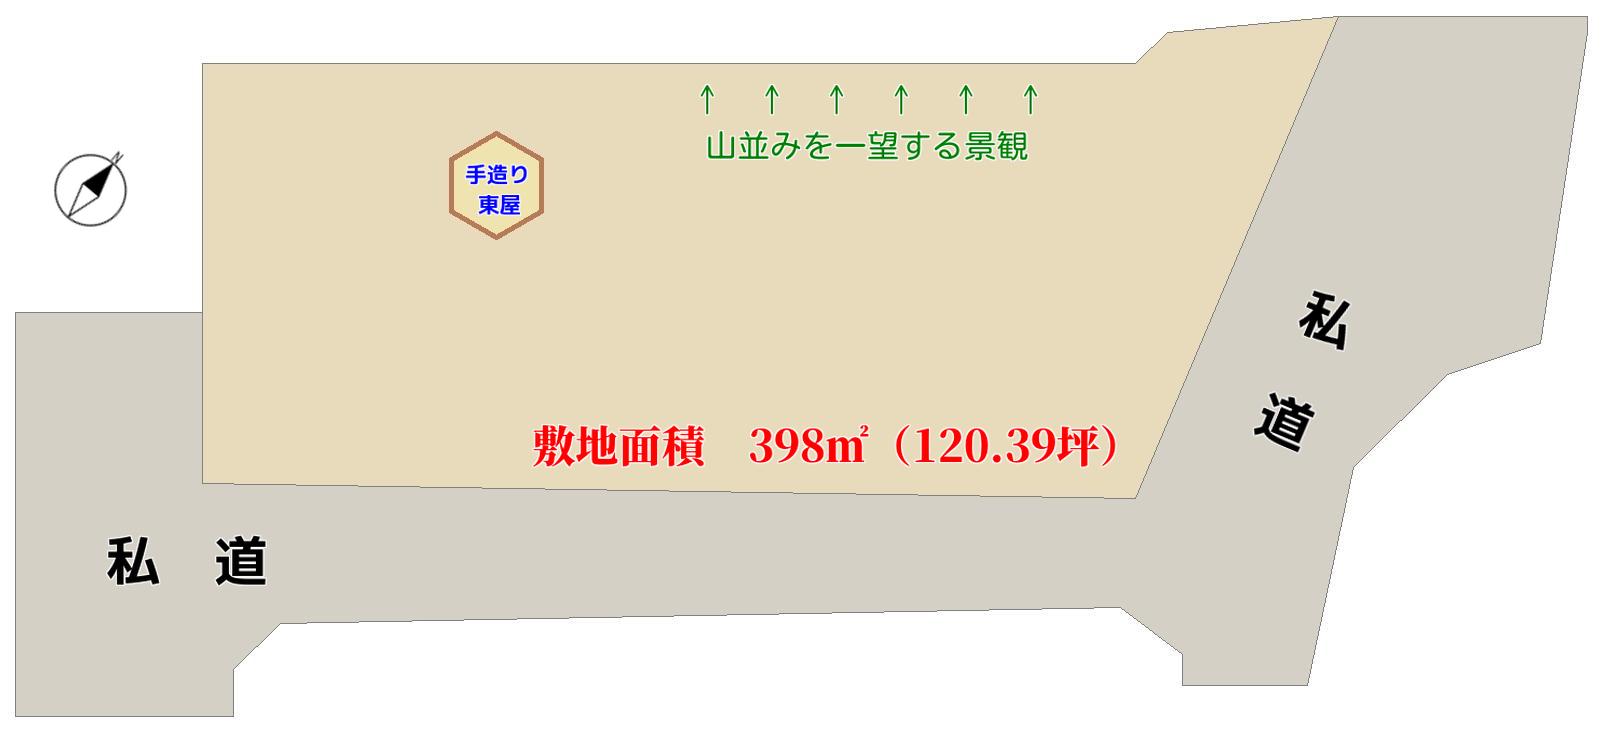 千葉県館山市岡田の土地 敷地図